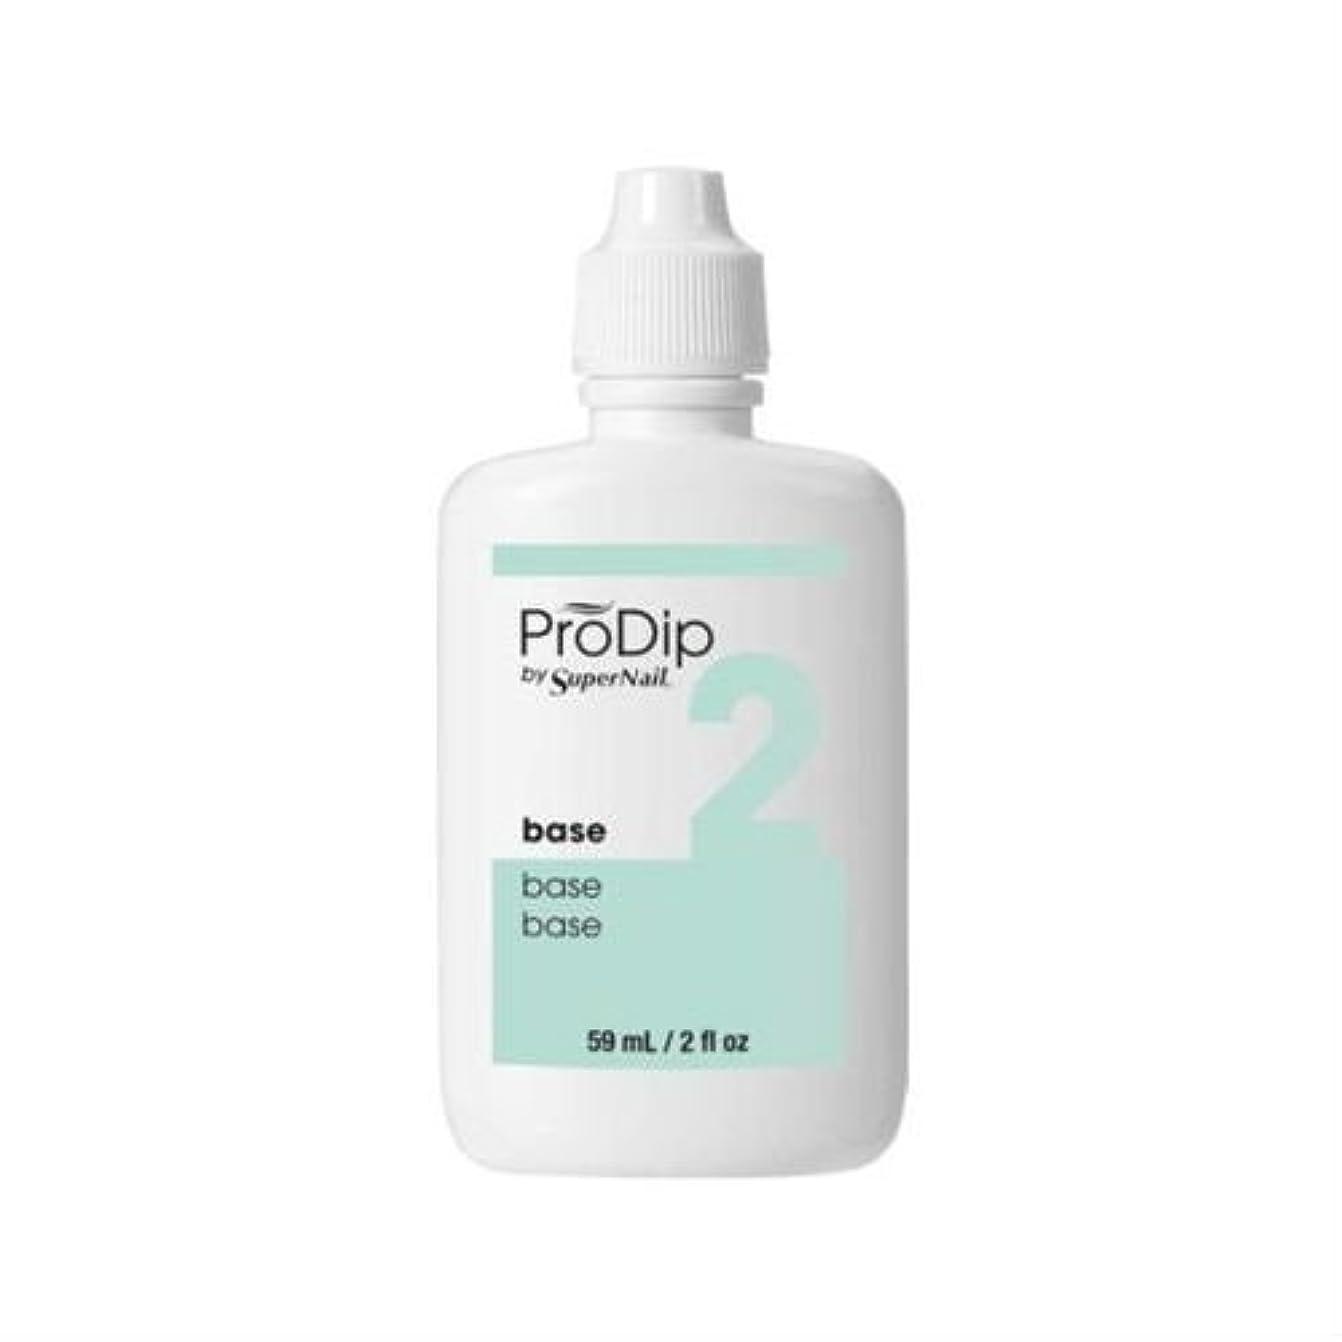 名目上の苦悩ぞっとするようなSuperNail ProDip - Base - 59 ml/2 oz